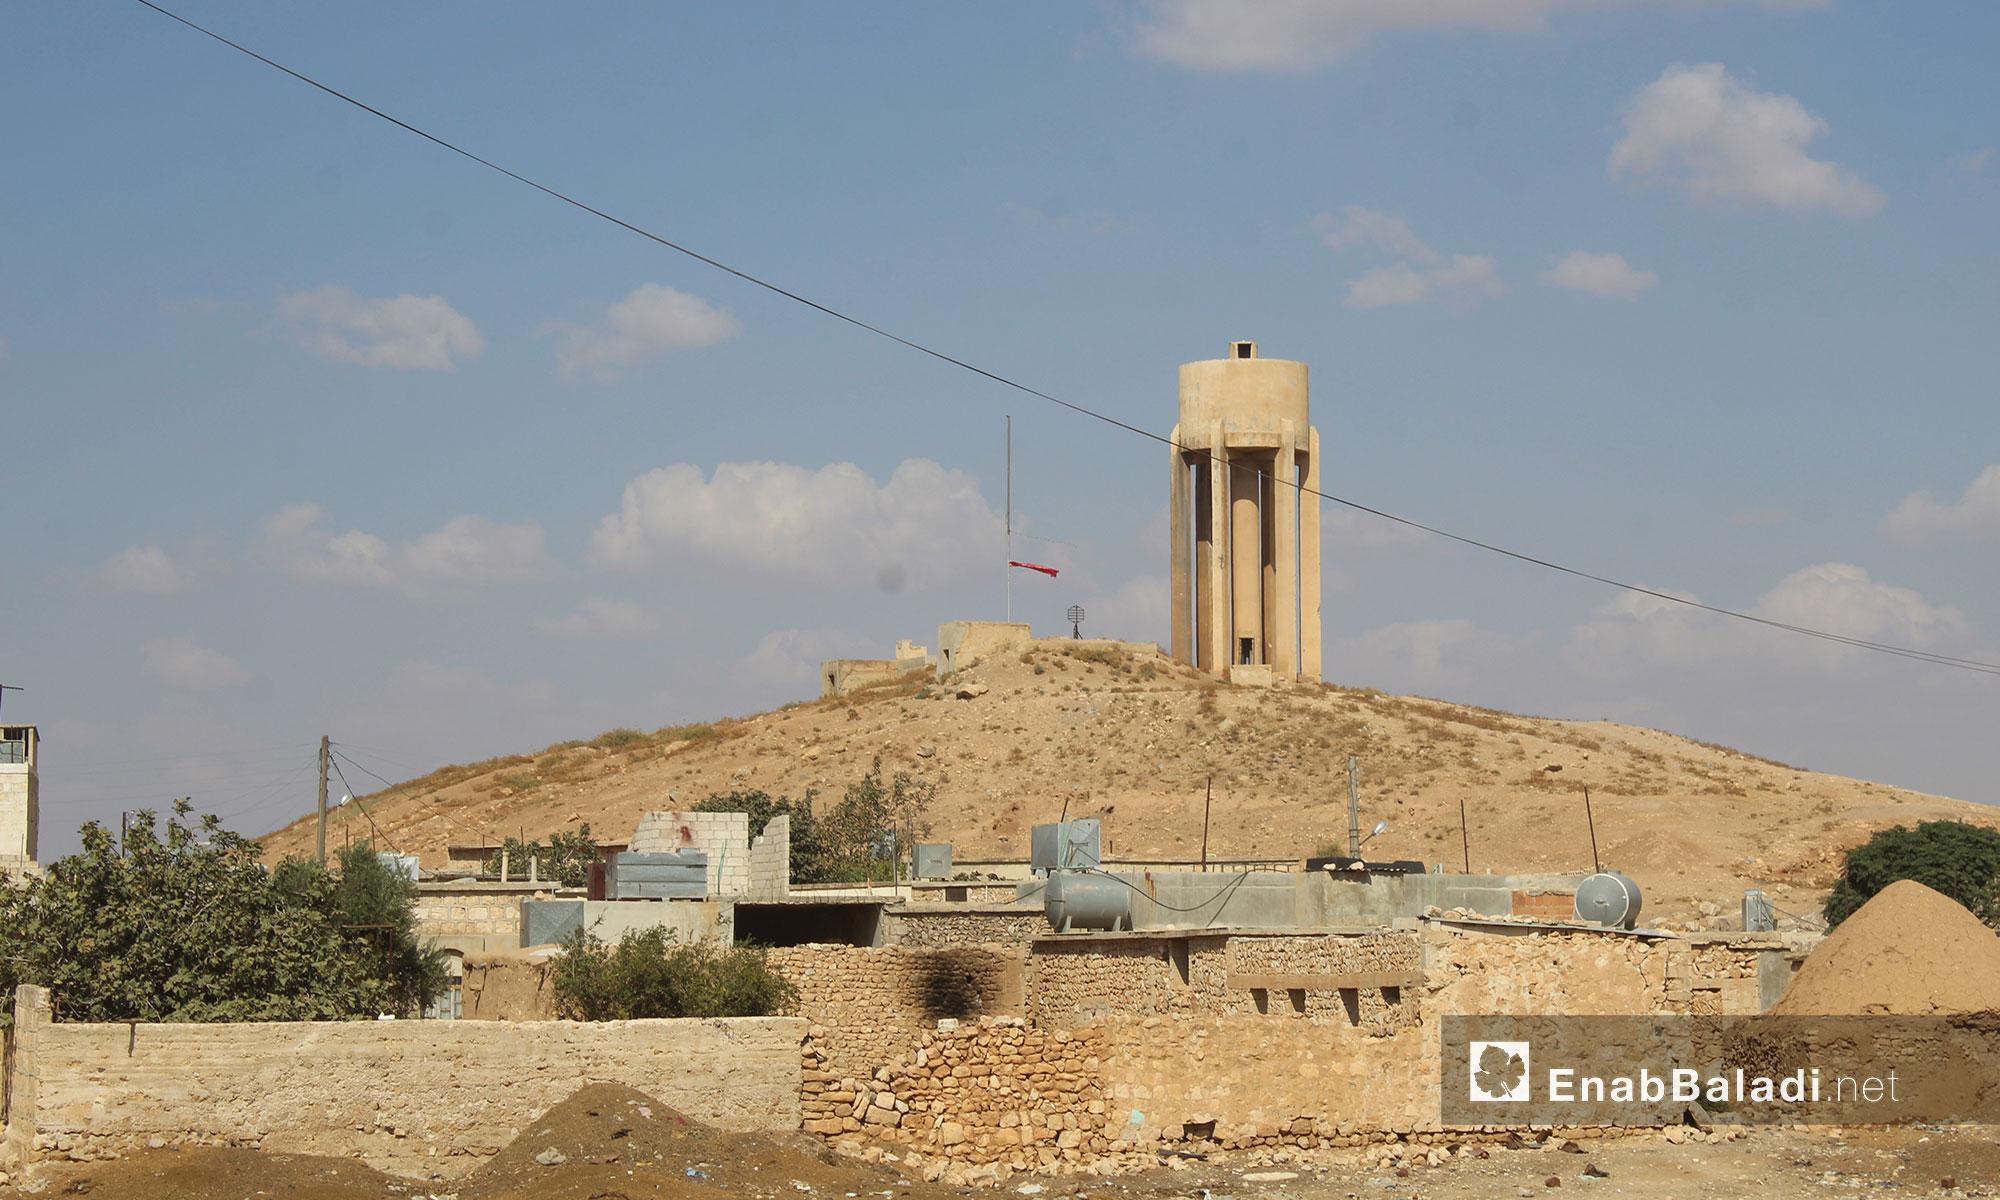 بلدة أخترين في ريف حلب الشمالي 11 - كانون الأول 2016 (عنب بلدي)